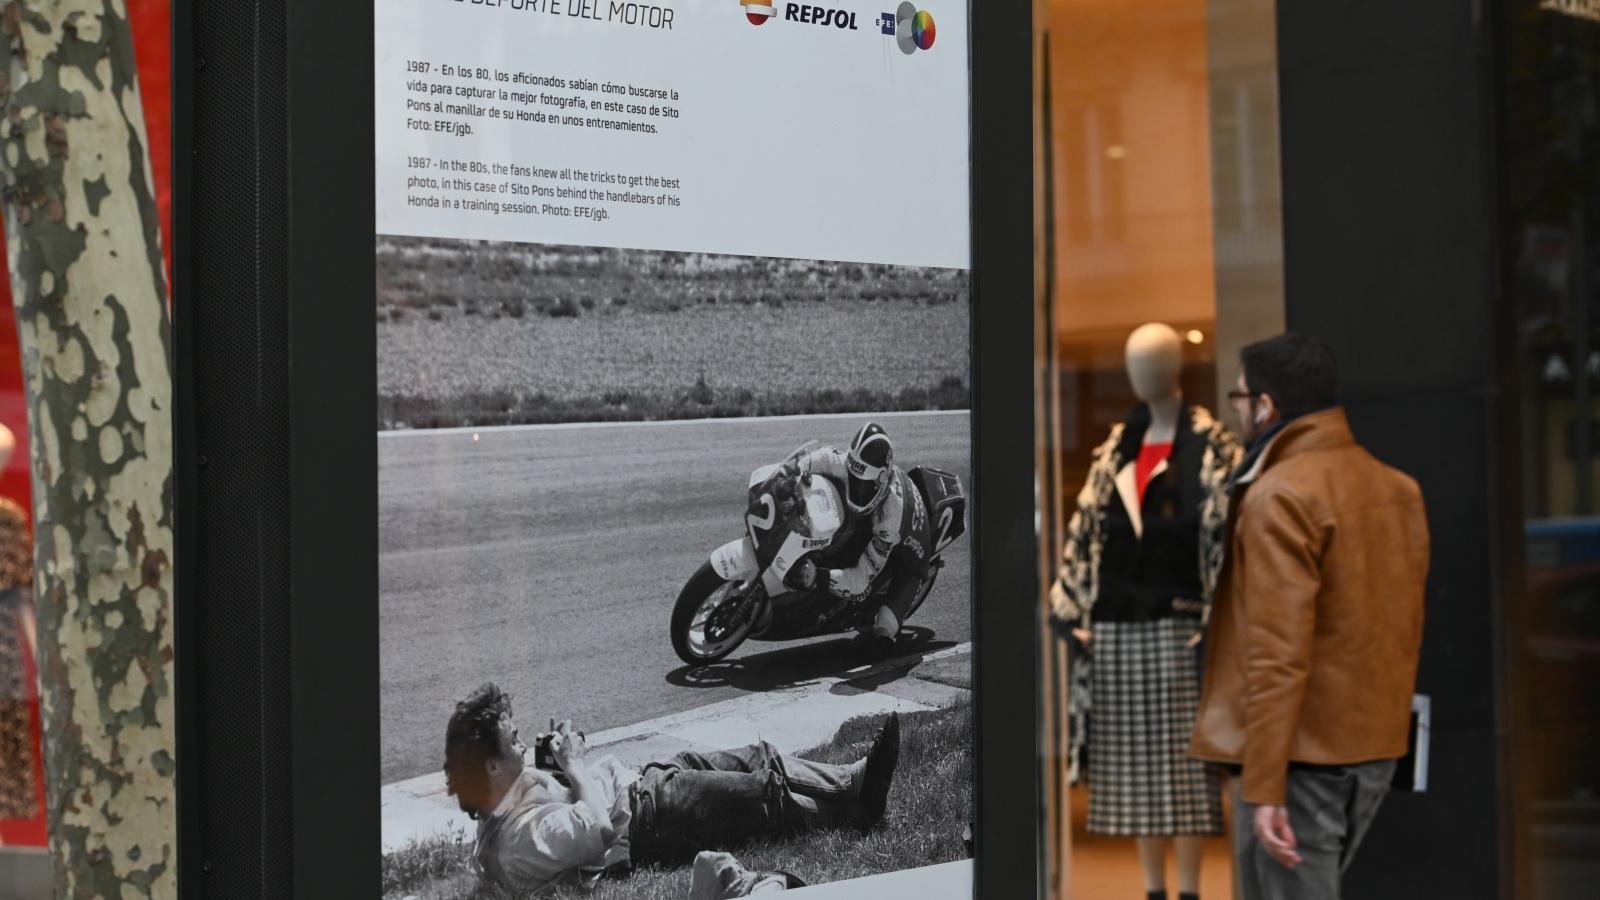 Repsol y EFE visten Madrid con una exposición fotográfica de 50 años de motor